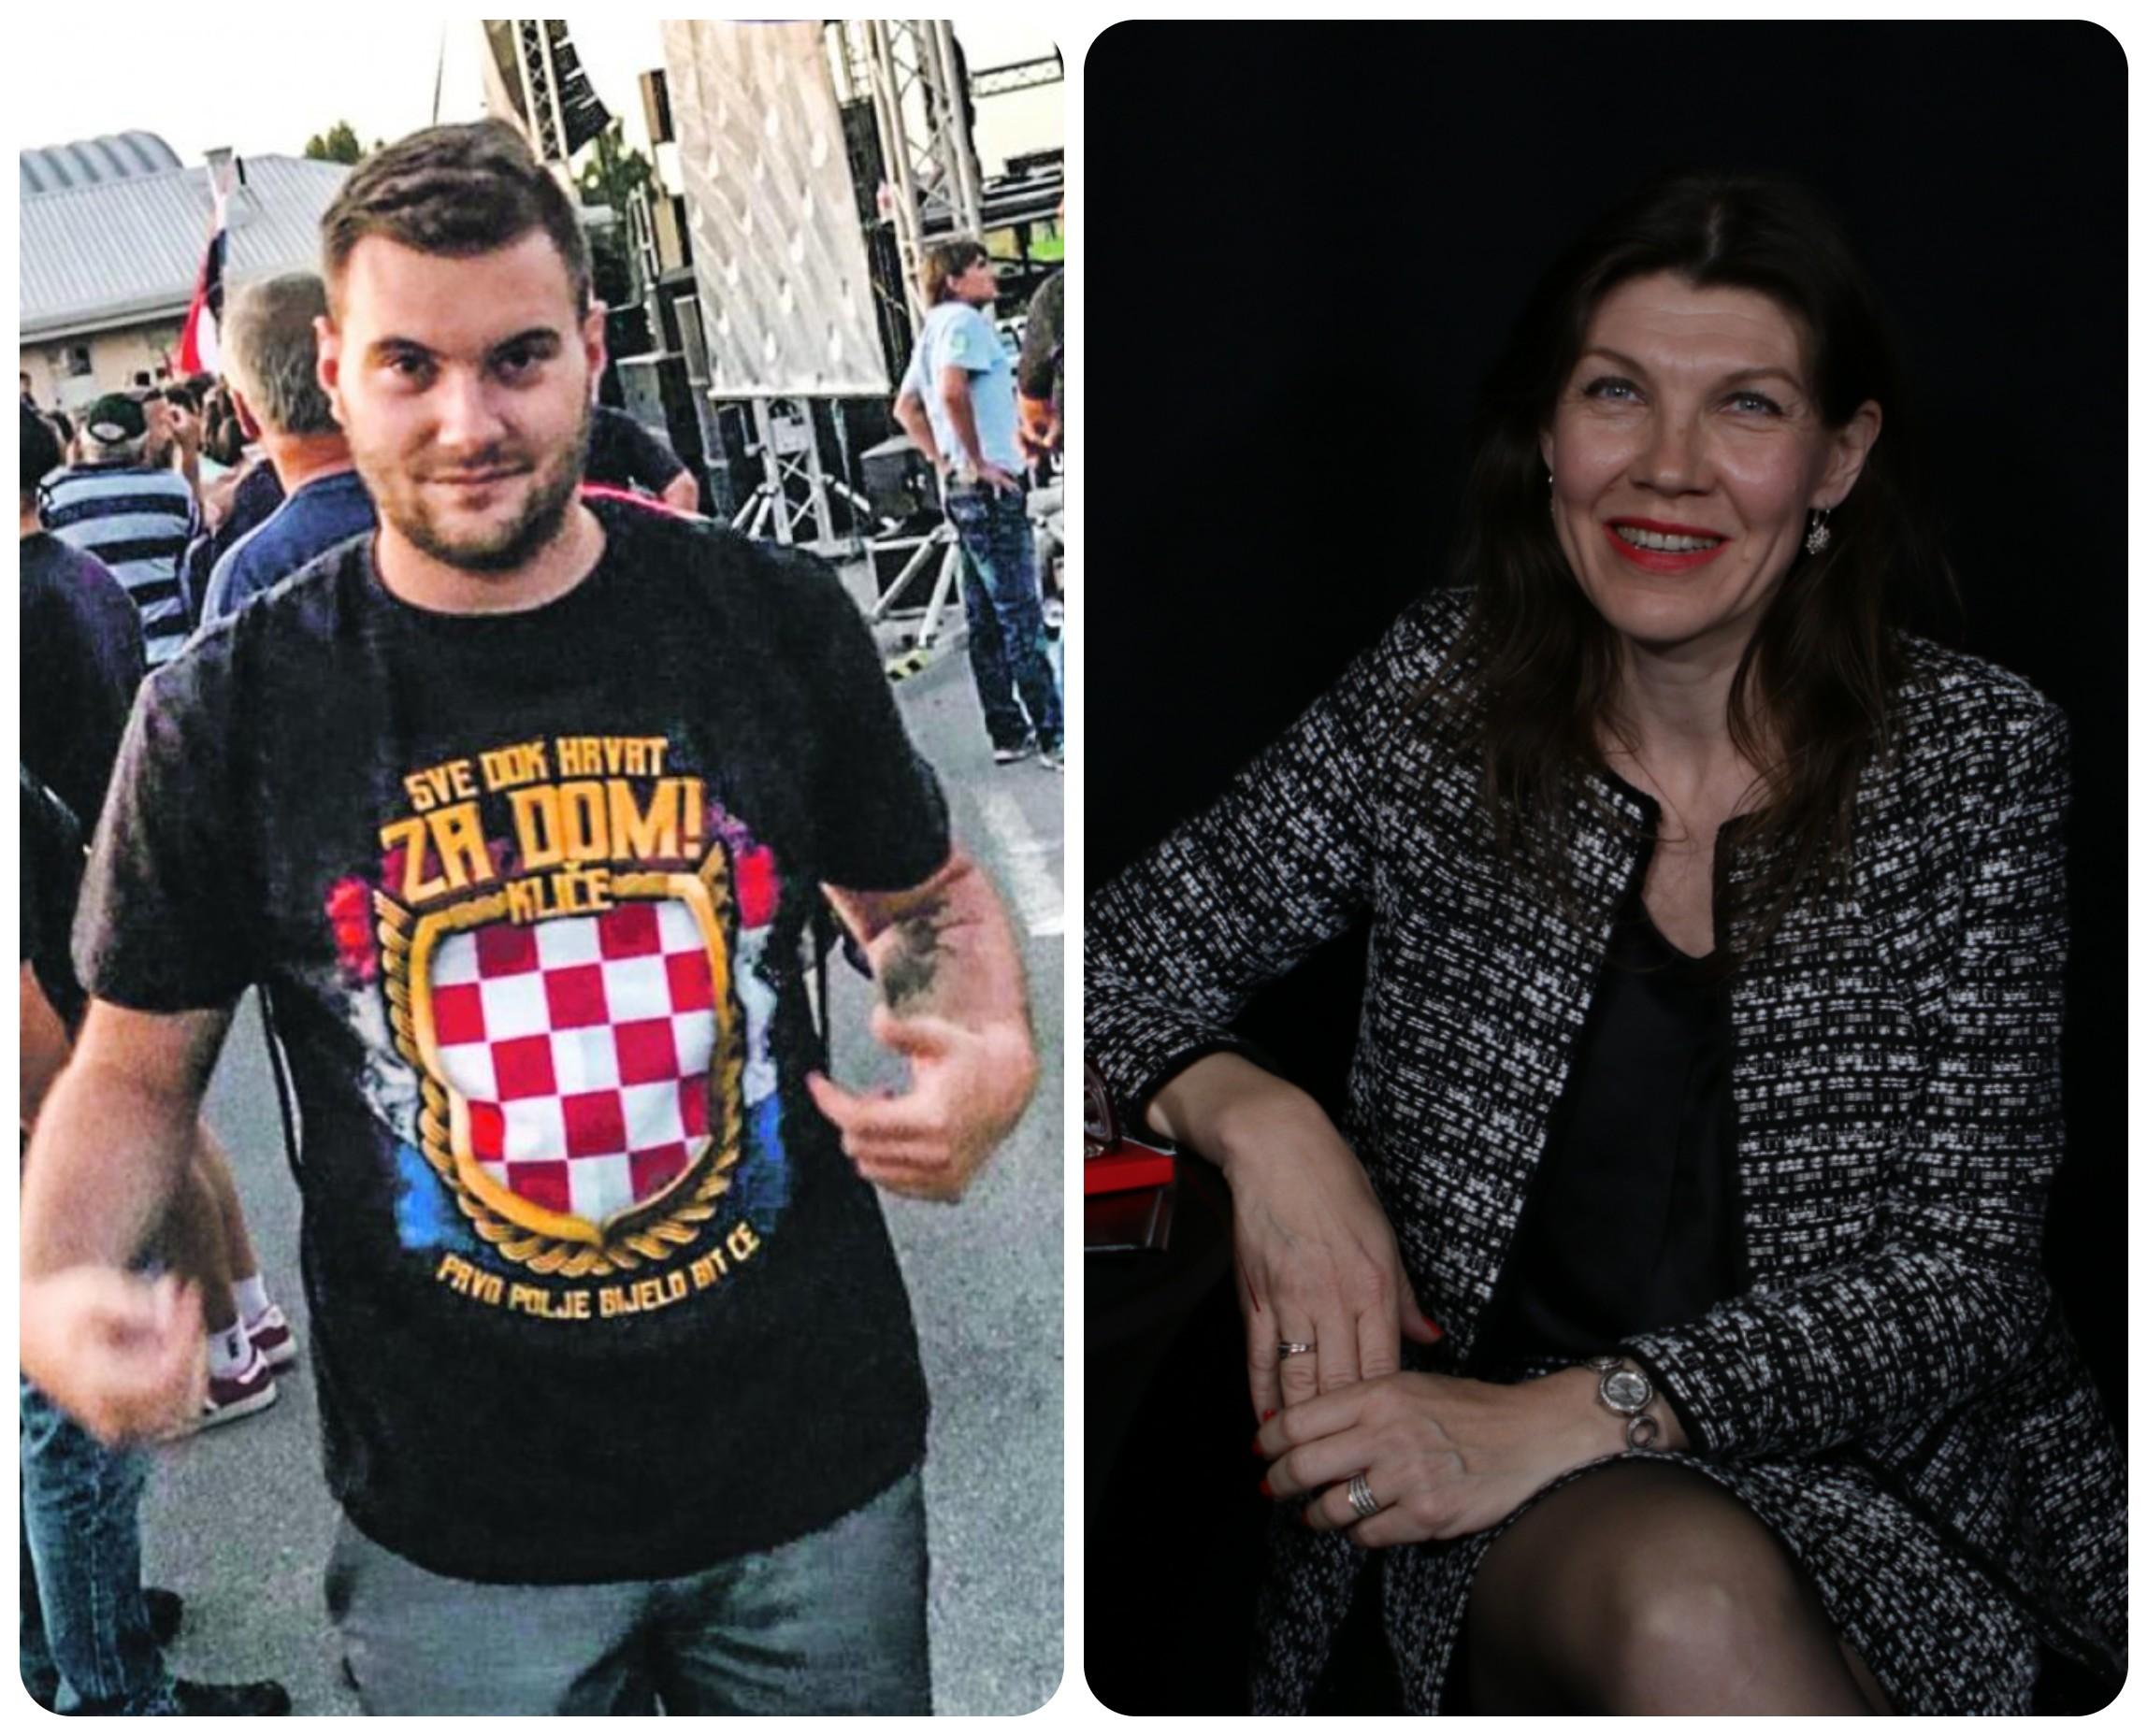 Pavelićeva mladež i Titovi pioniri marširaju zajedno